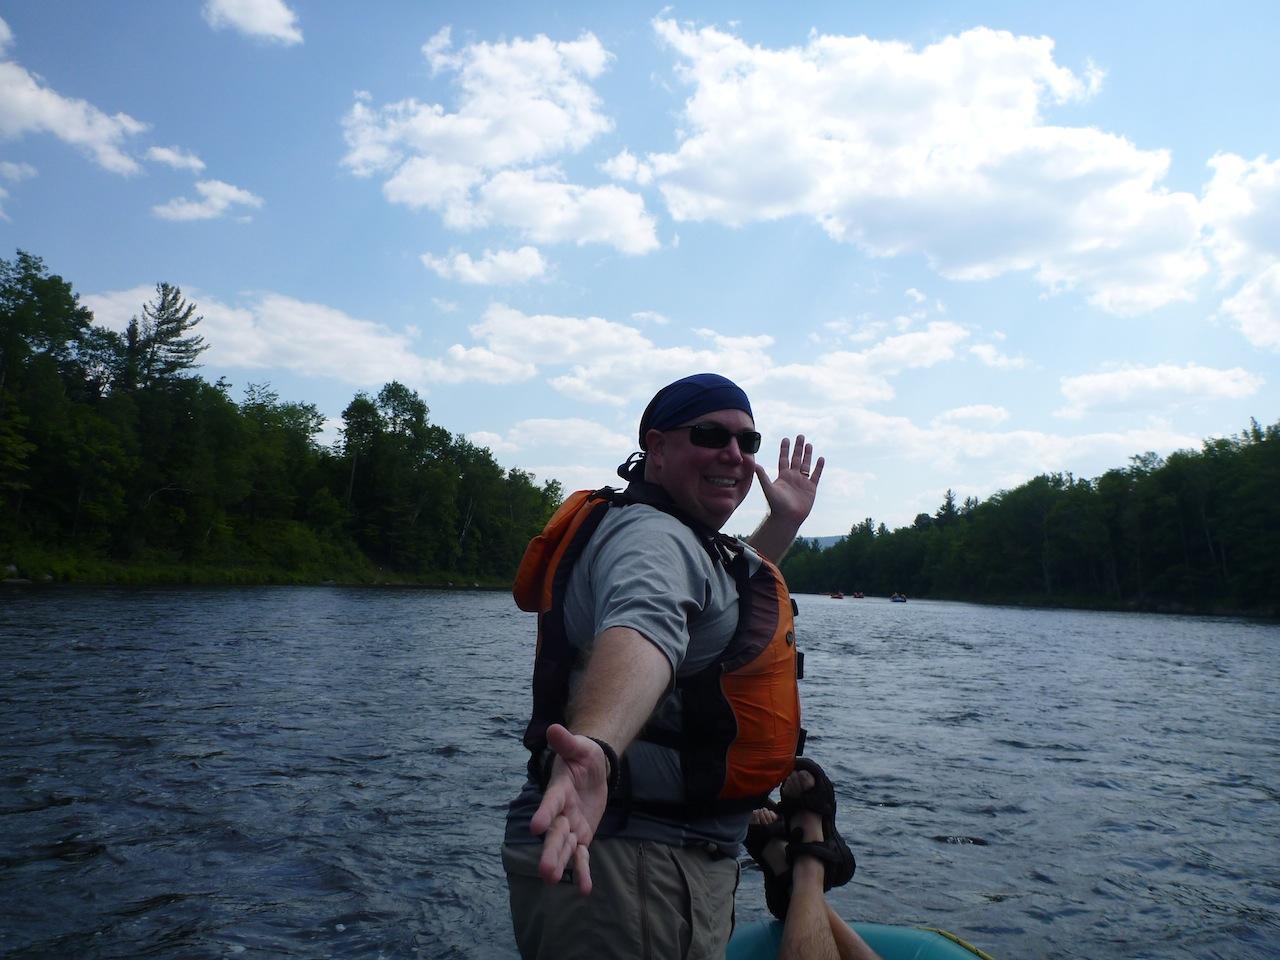 David Enjoying The River